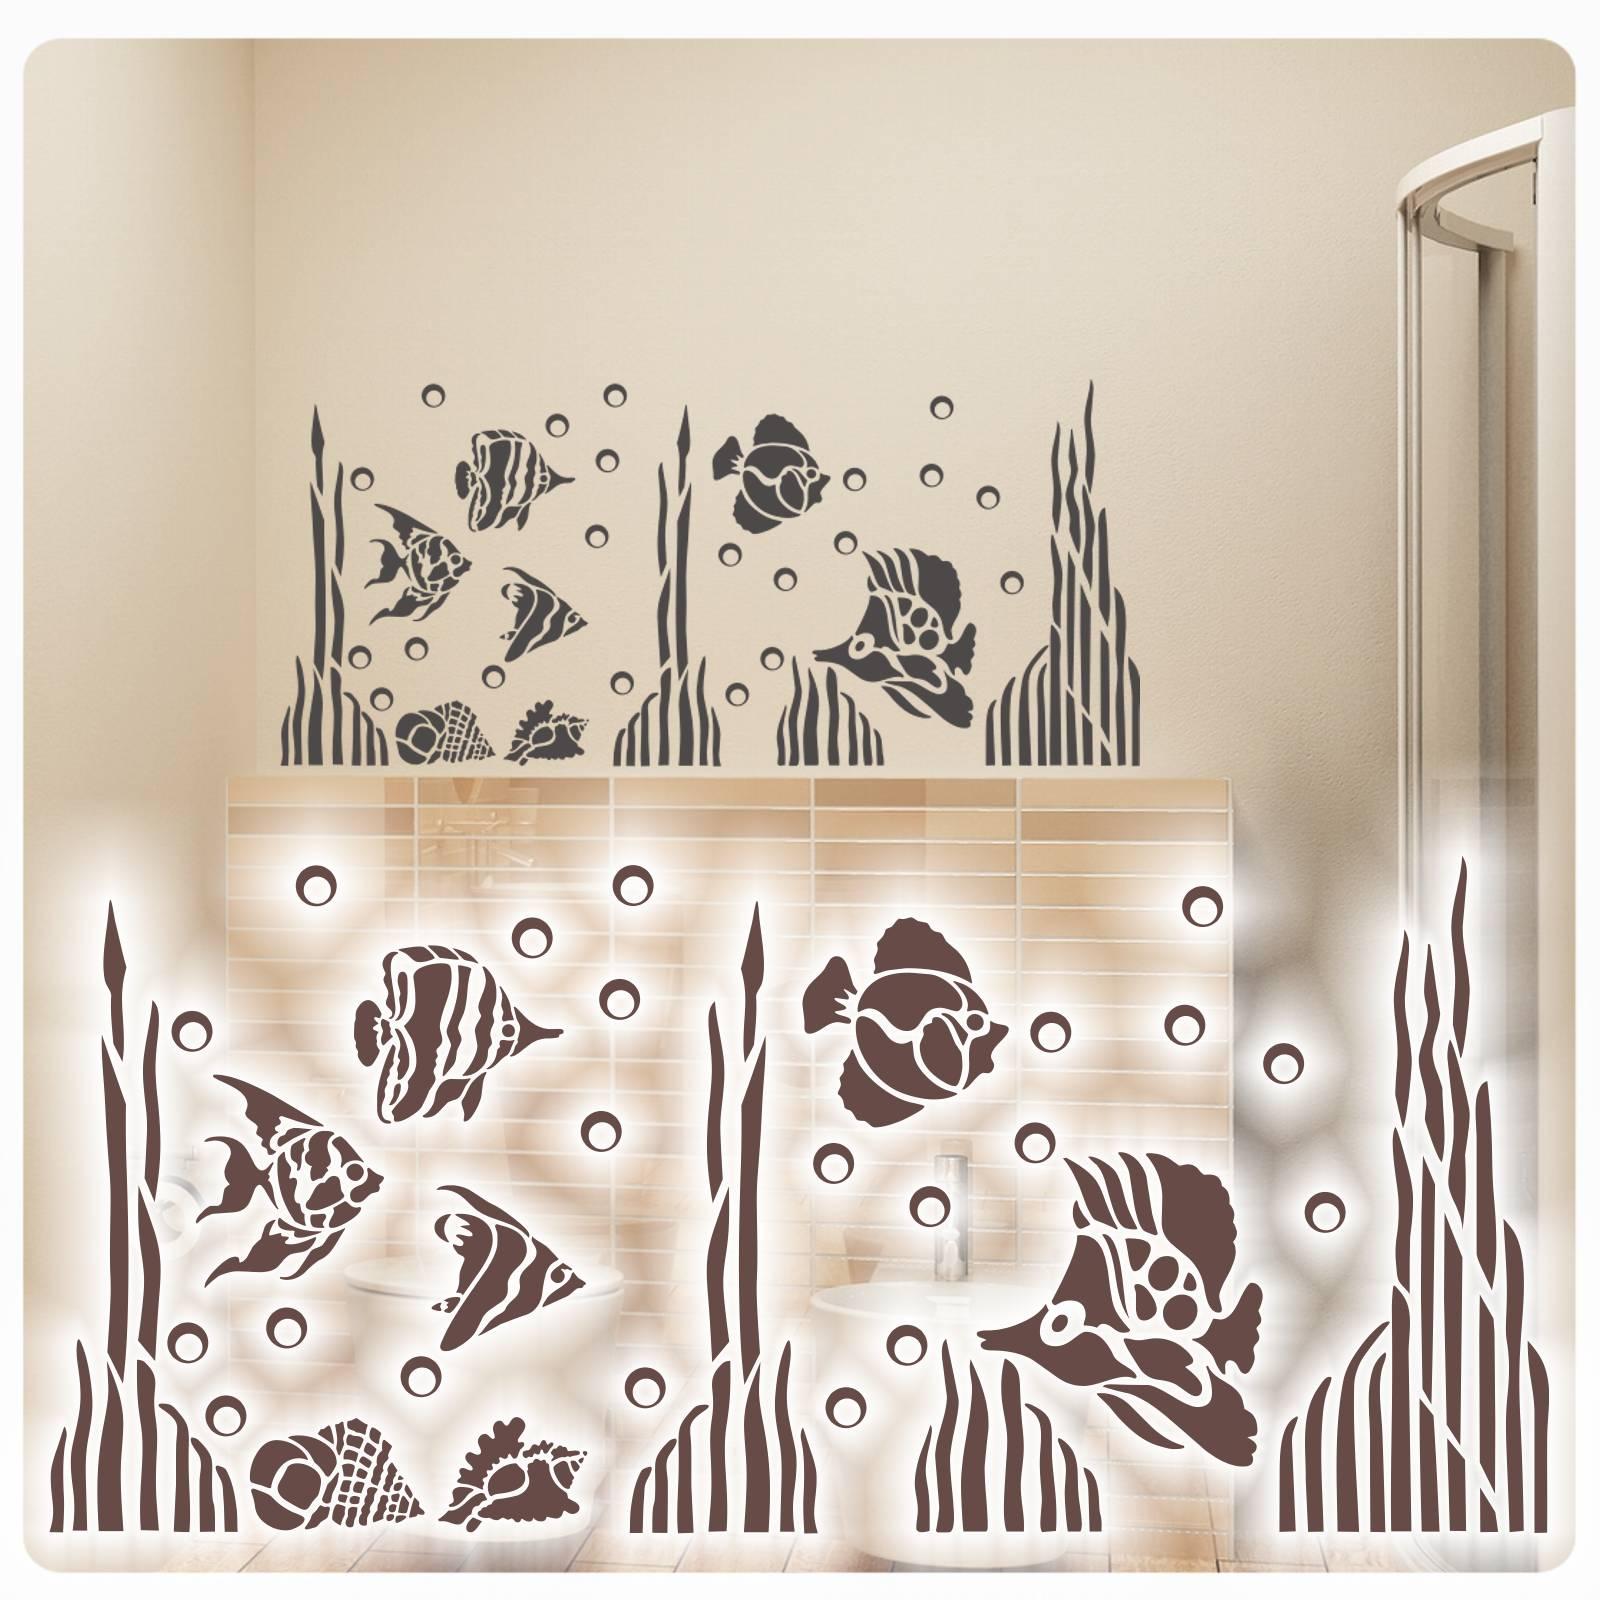 Wandtattoo Fische Wandaufkleber Badezimmer WC Deko Maritim